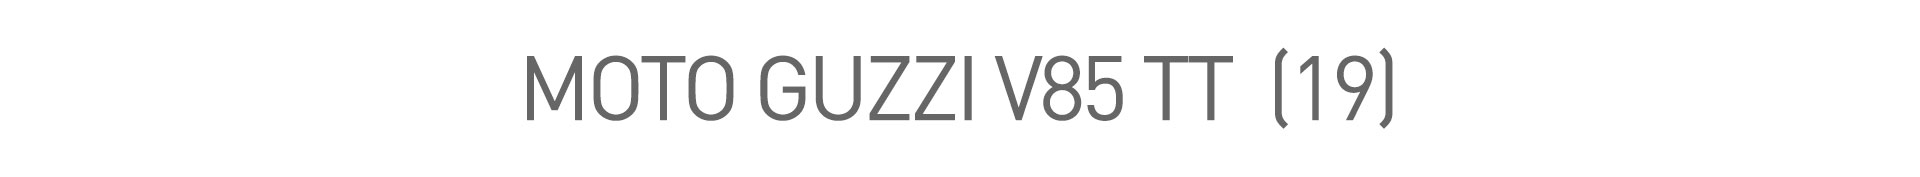 MOTO GUZZI V85 TT (19)